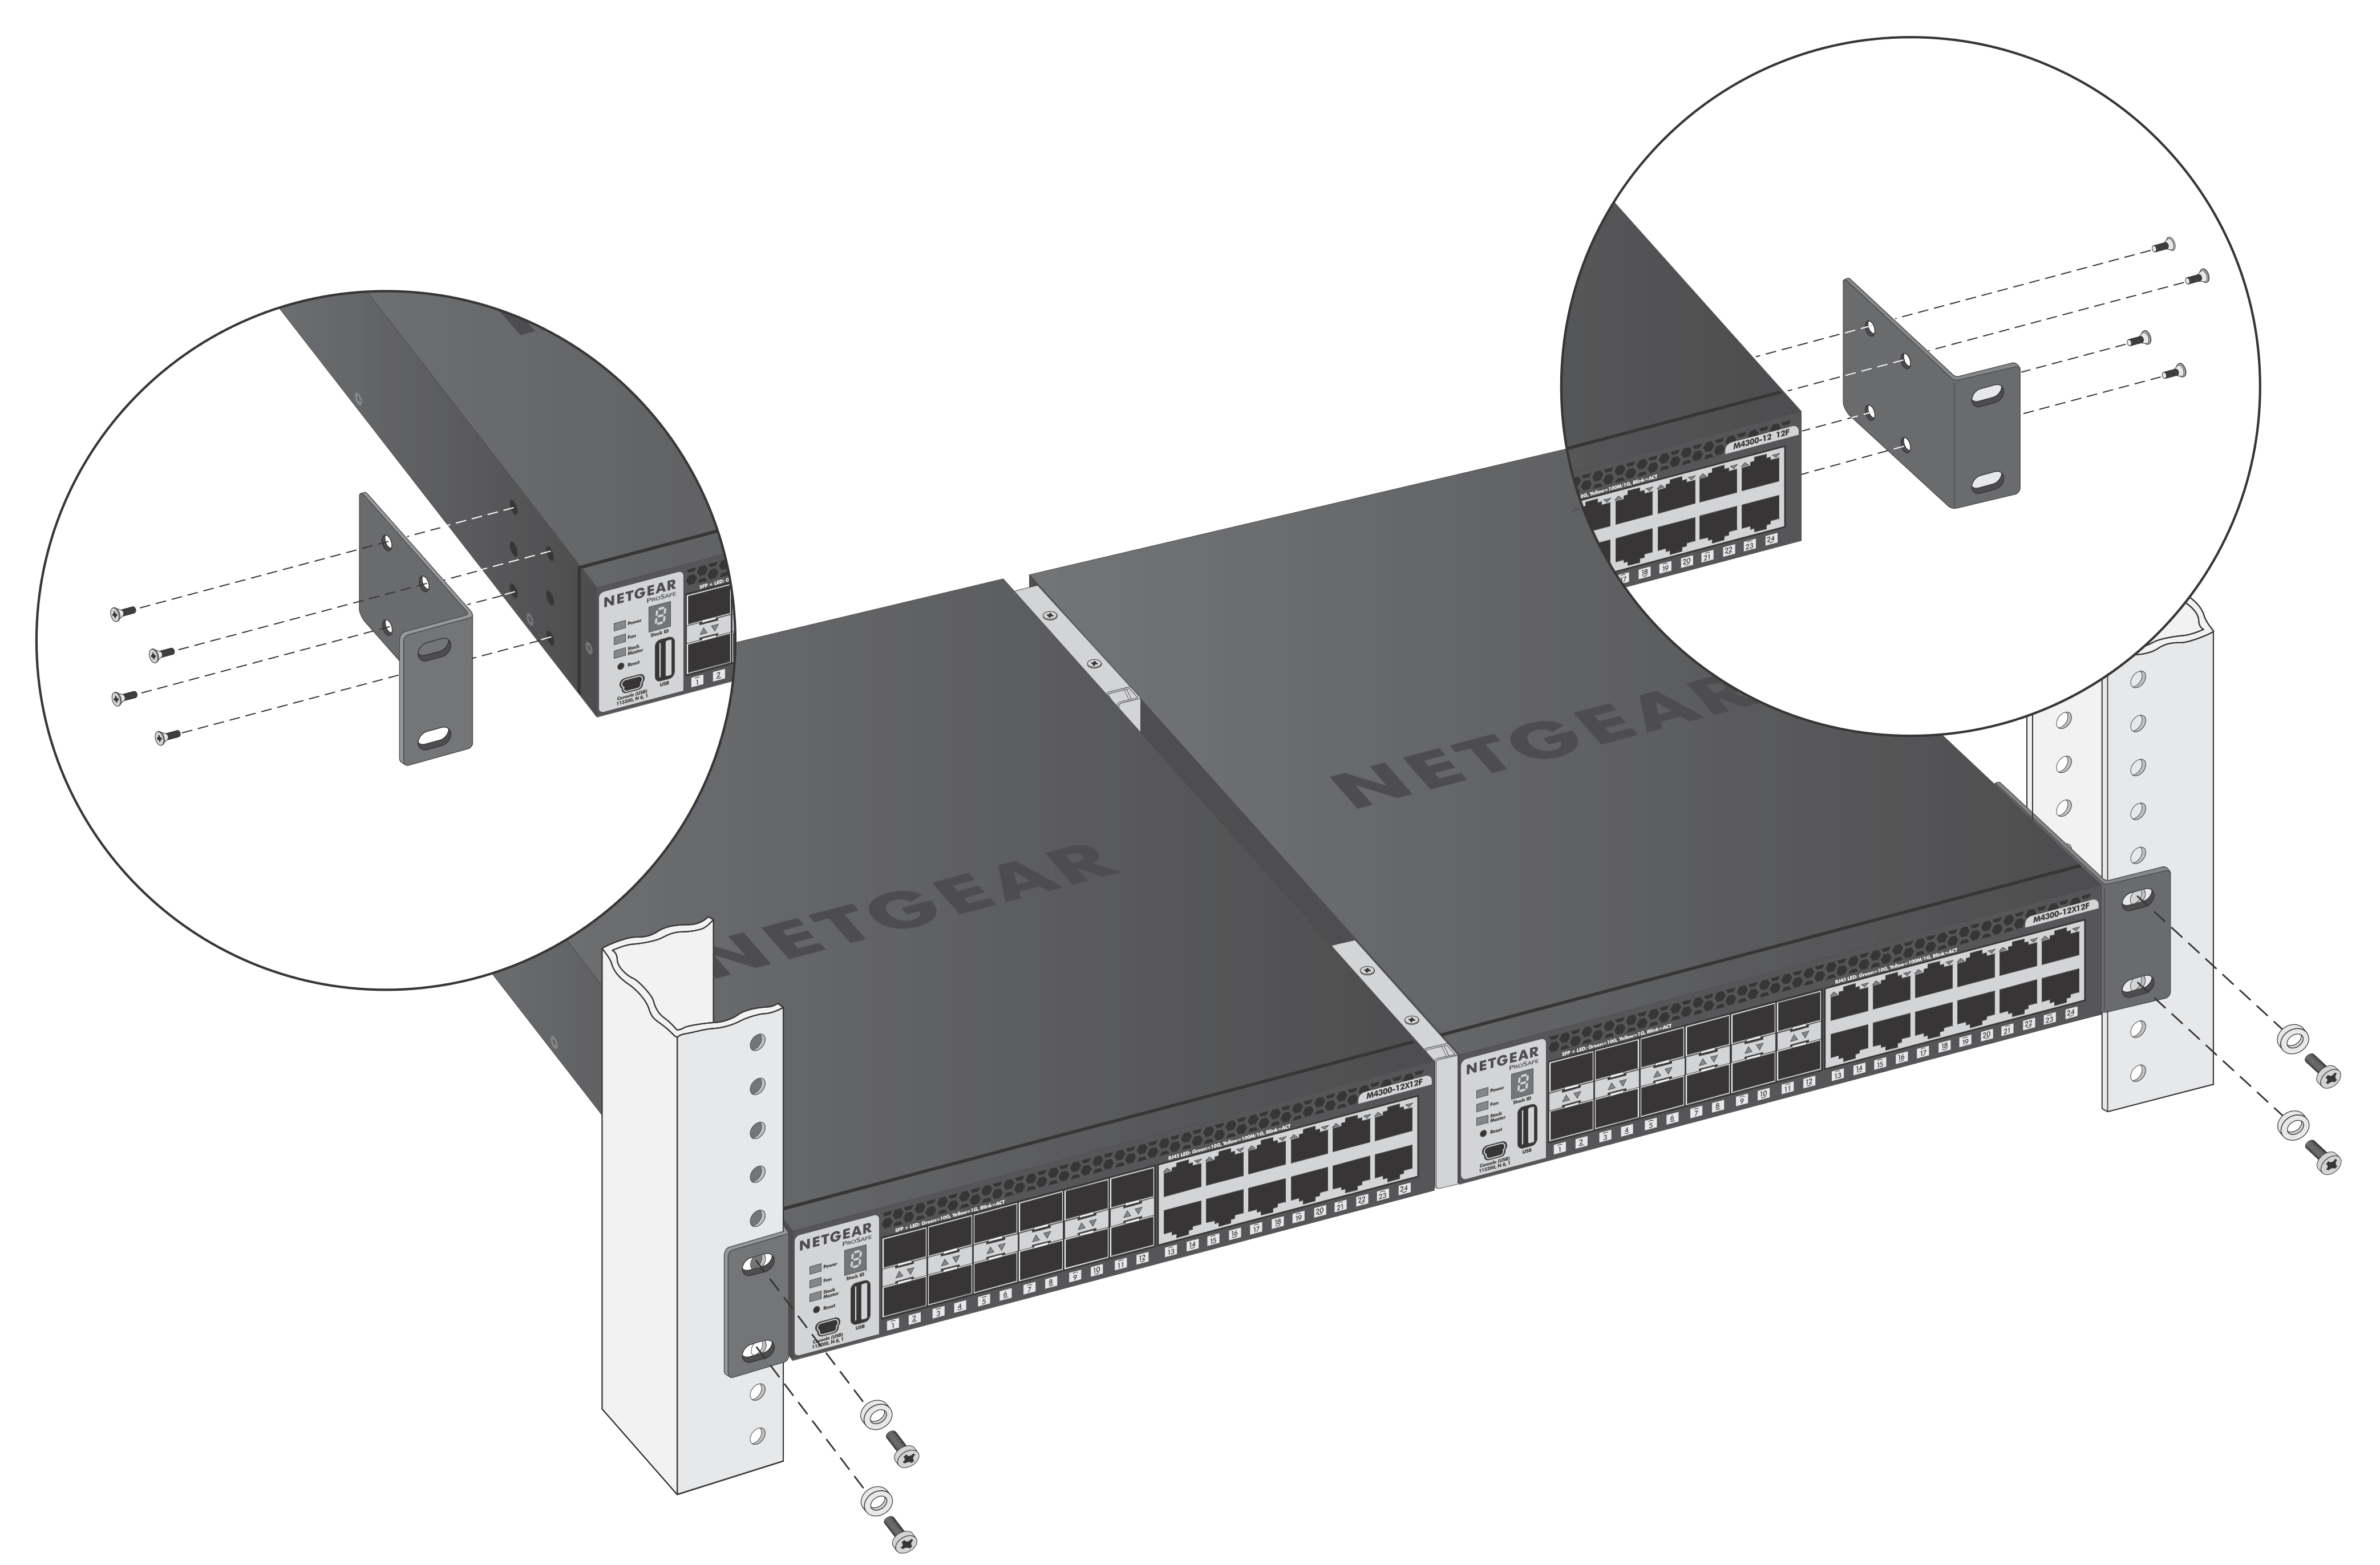 Netgear Wiring Diagram - Wiring Diagrams Schematics